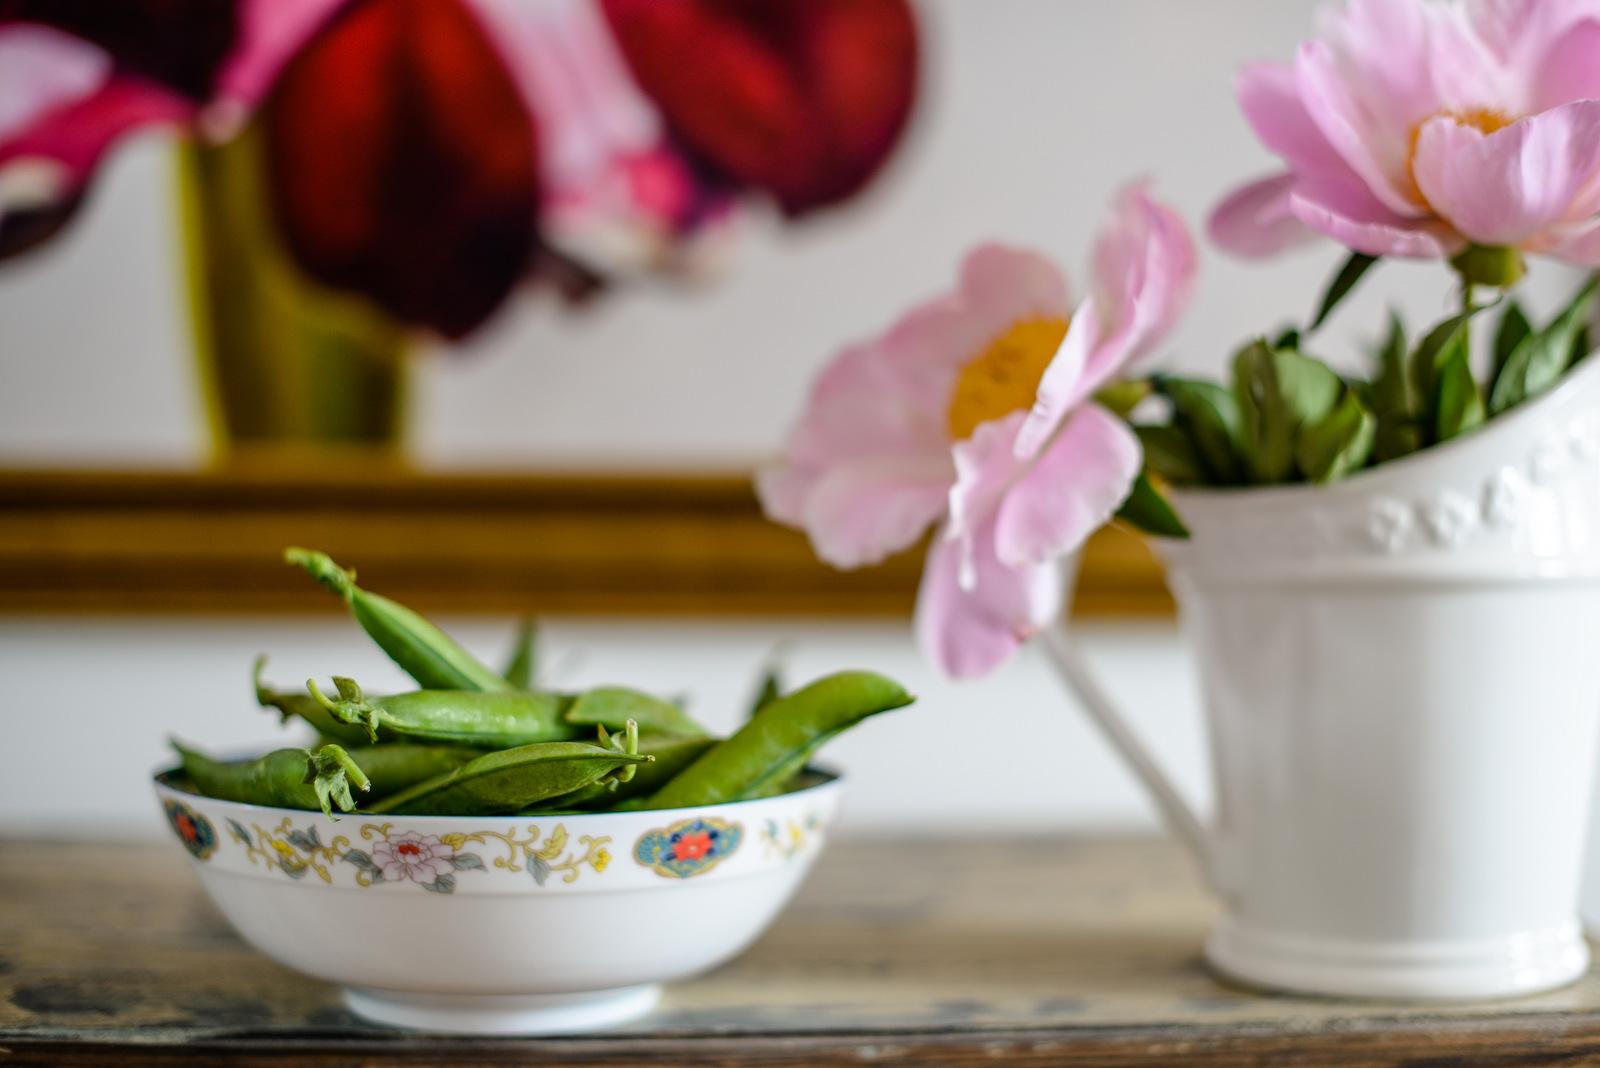 peonies and garden peas